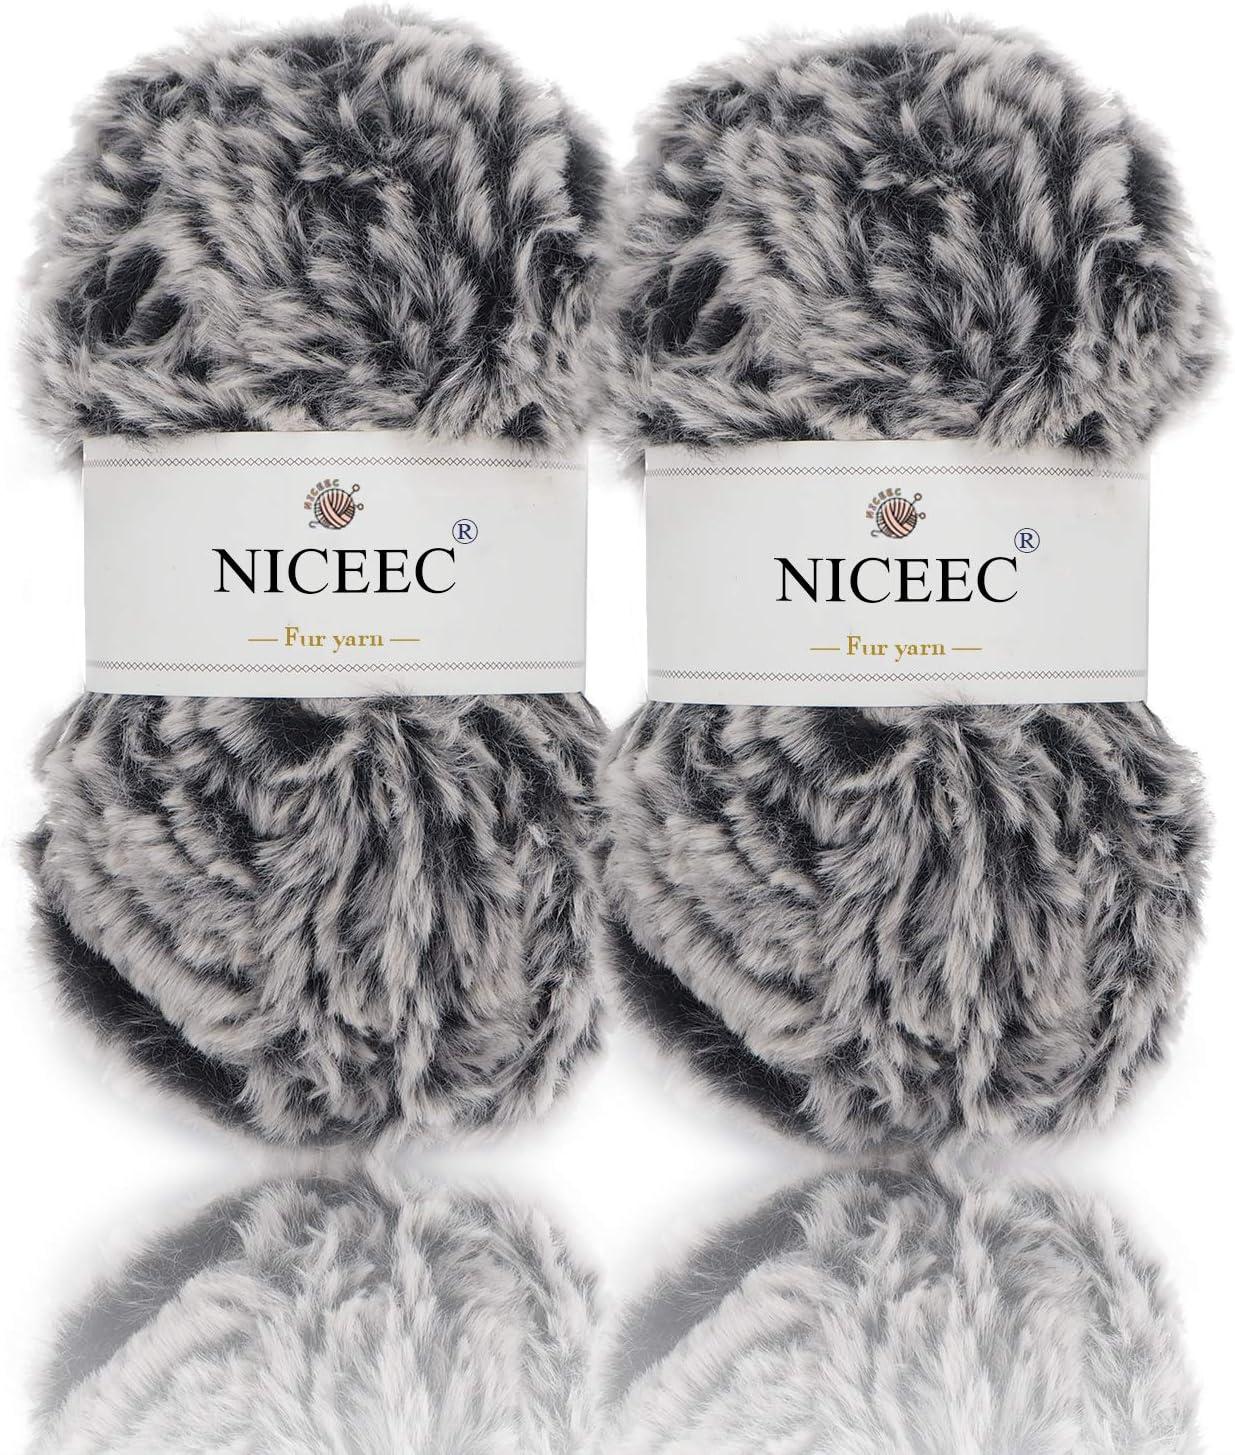 New Super Soft Eyelash Yarn Feather Yarn Knitted Blanket Throw Rug 130x160cm